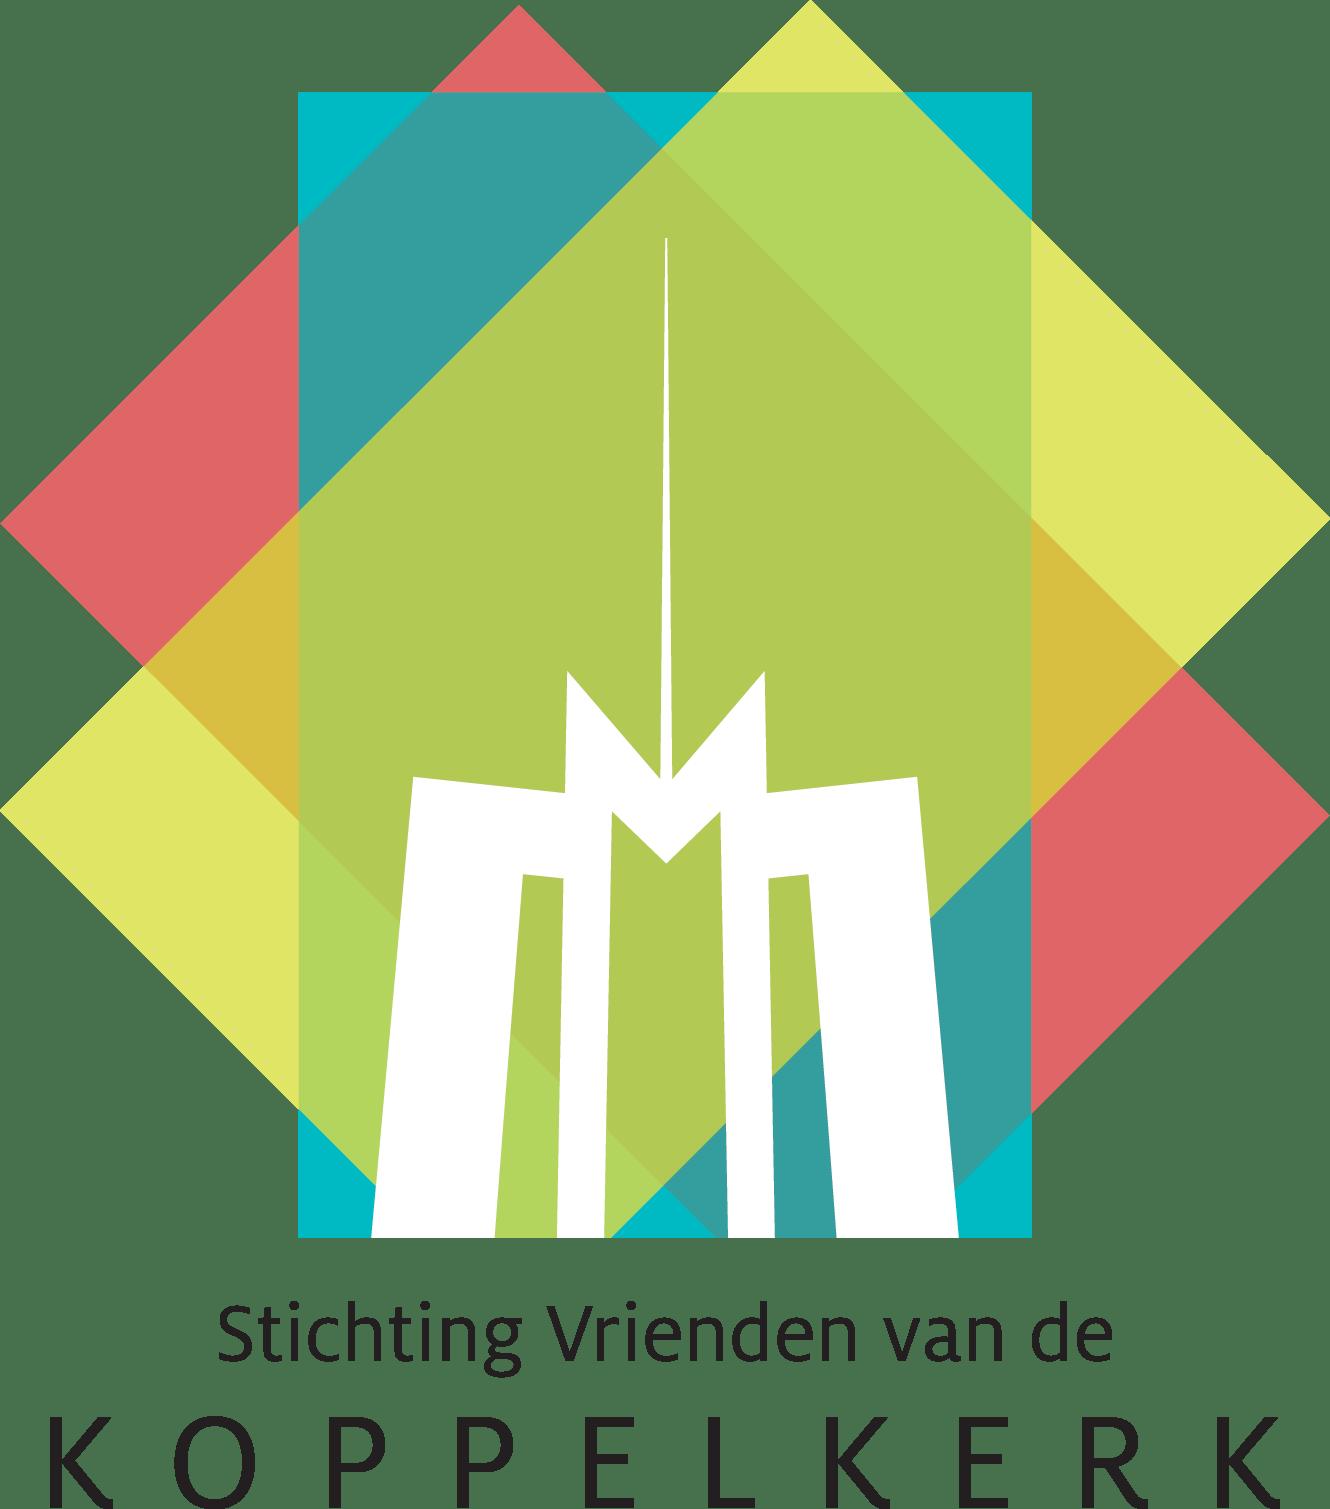 Logo Stichting Vrienden van de Koppelkerk